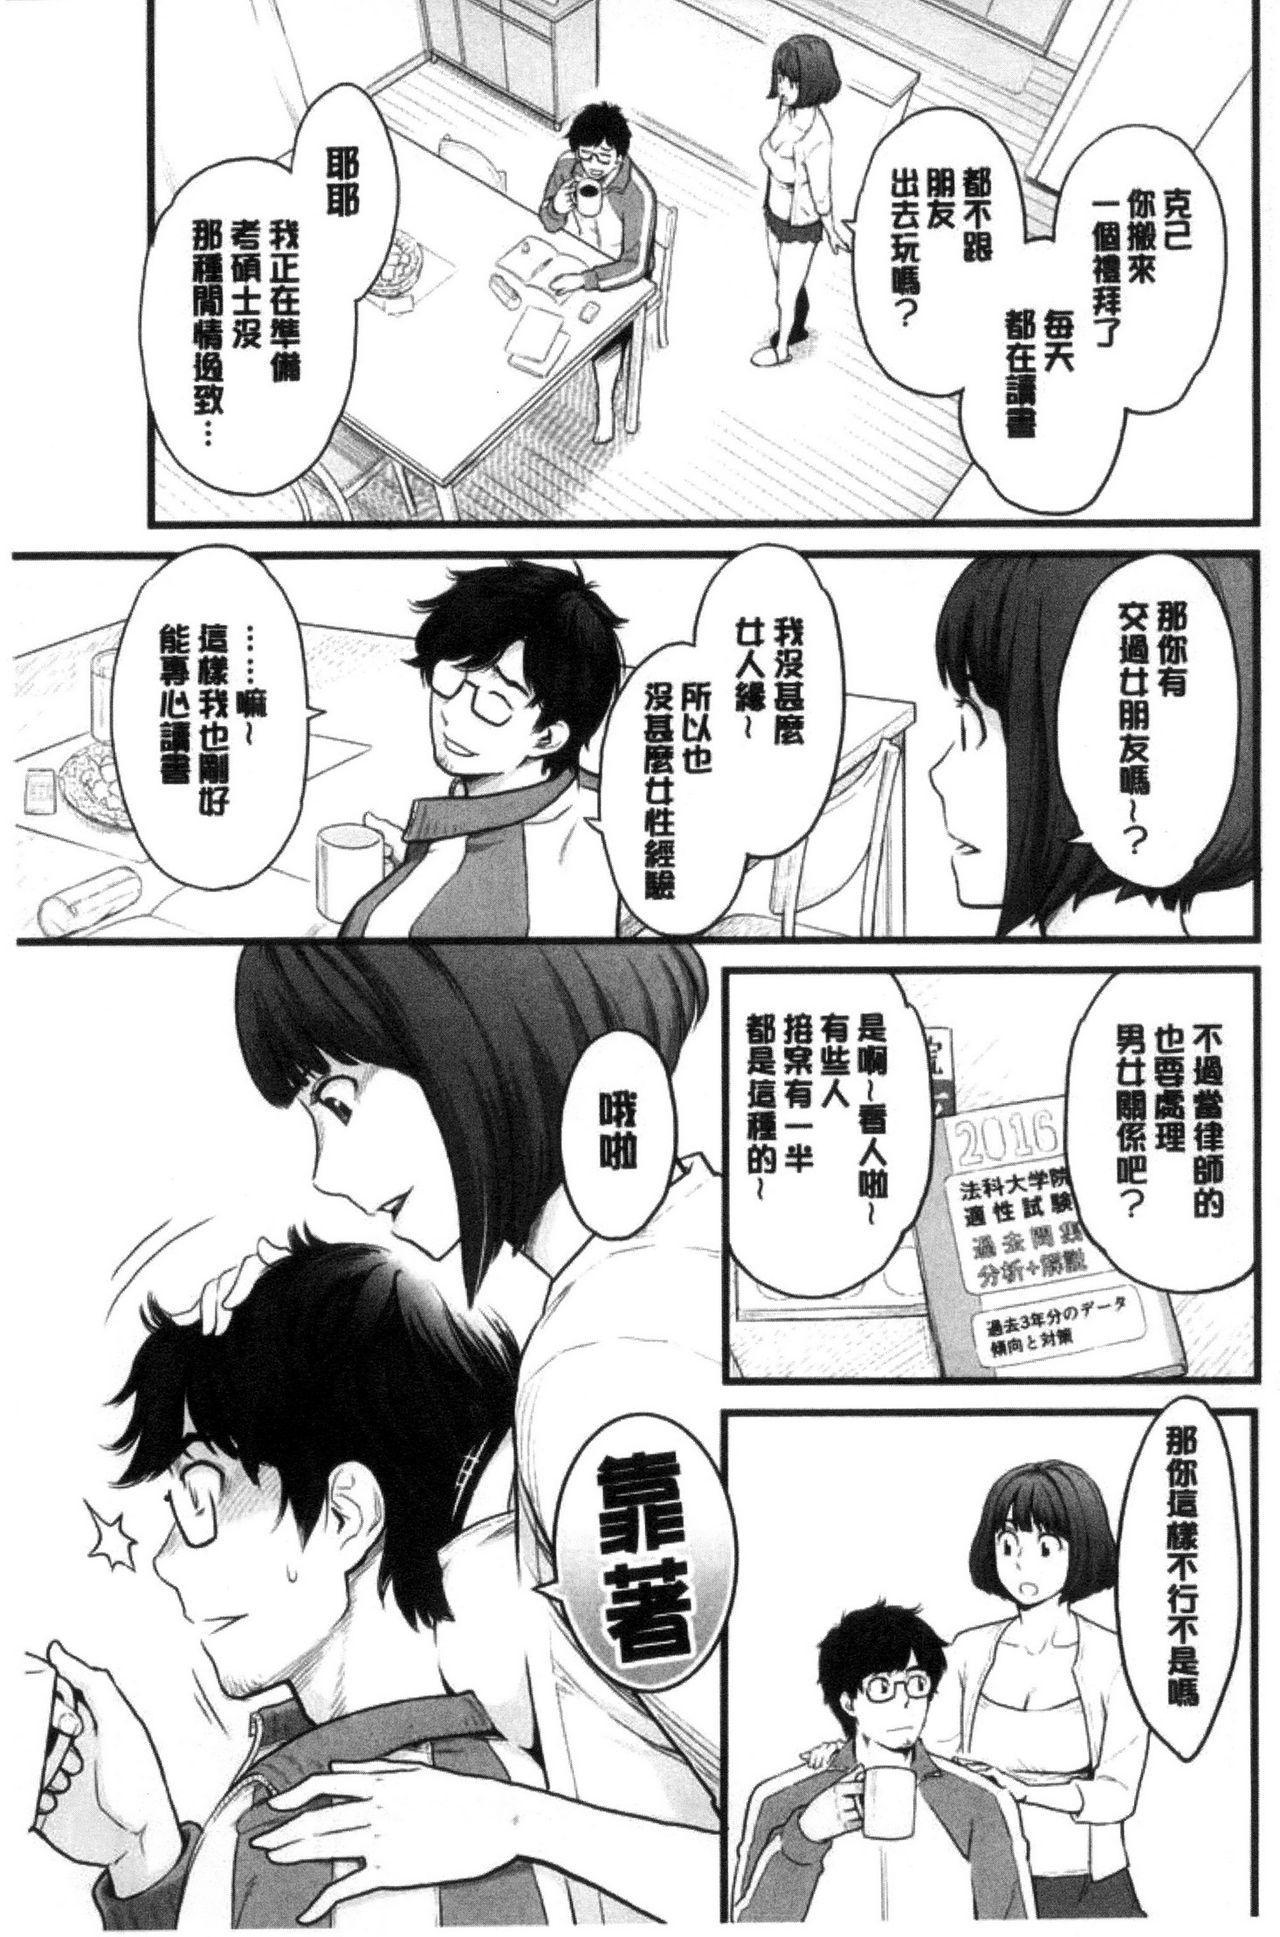 Kanojo no Mesugao - She has a indecent face   彼女的雌顏 120